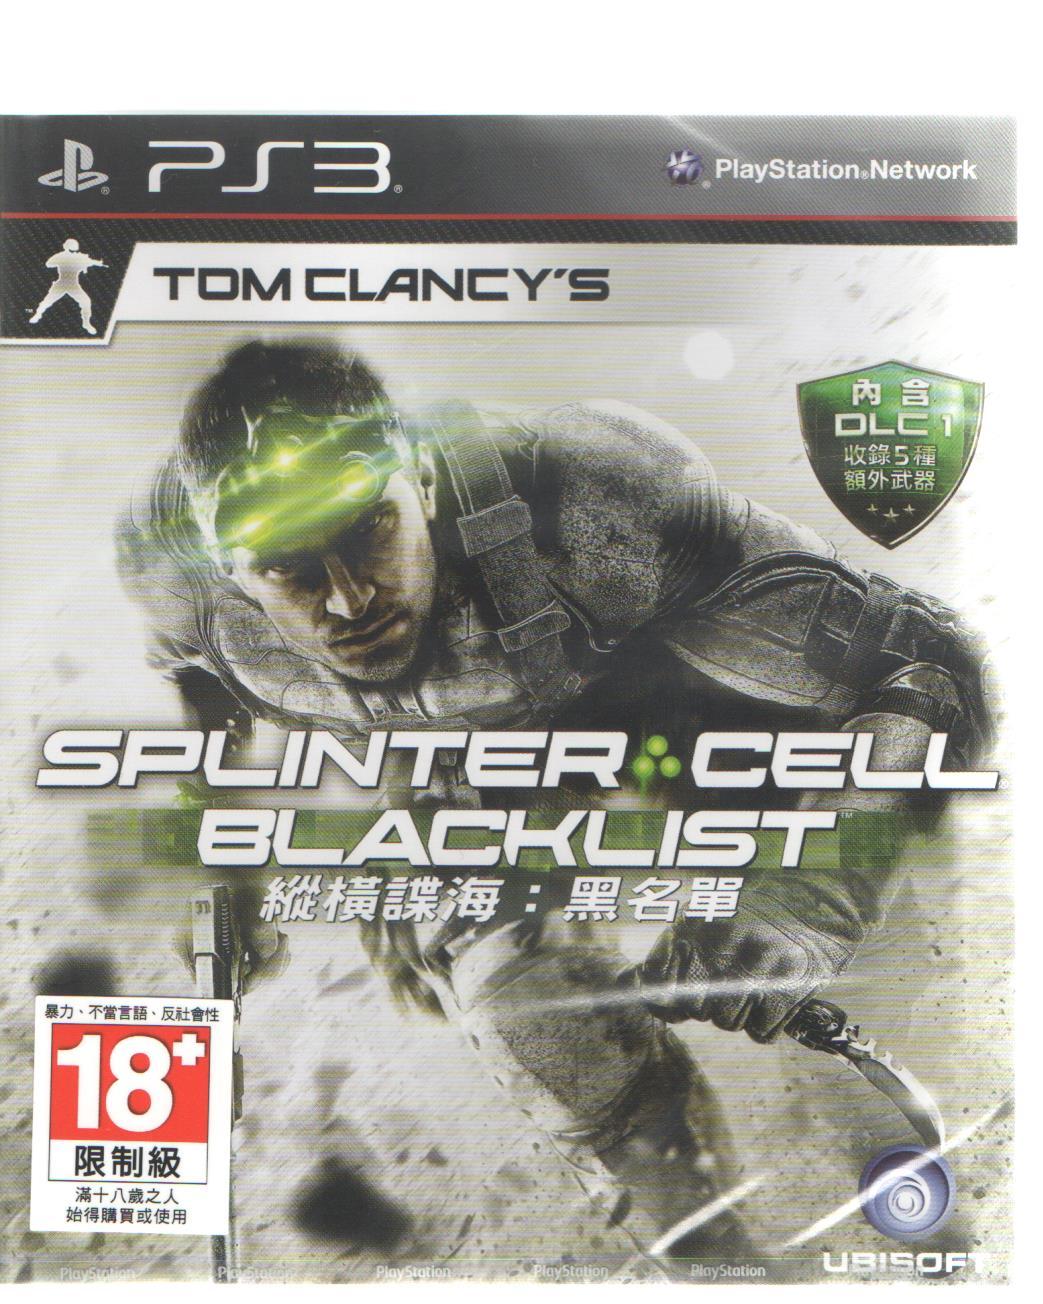 現貨供應中 亞洲中文版 含5個武器DLC+L型資料夾  [限制級] PS3 縱橫諜海:黑名單 電子錶特別版